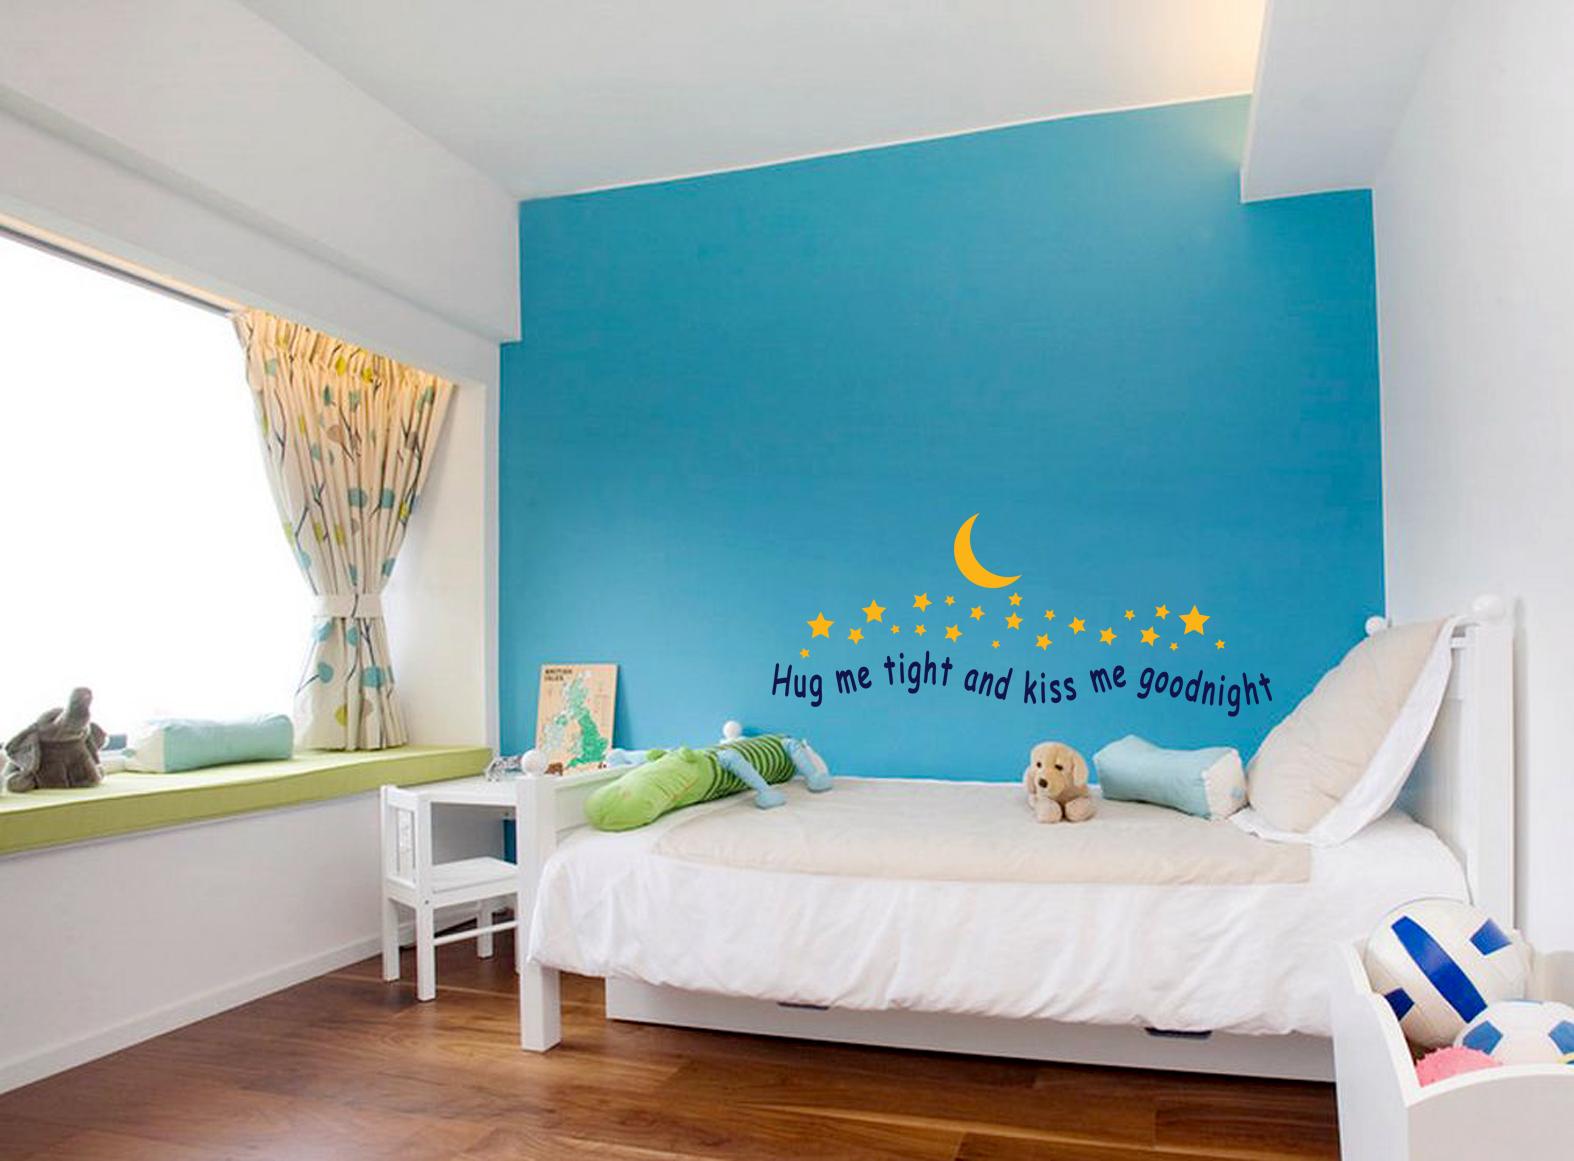 Как подобрать нужный цвет краски для стен пинстрайпинг водная краска